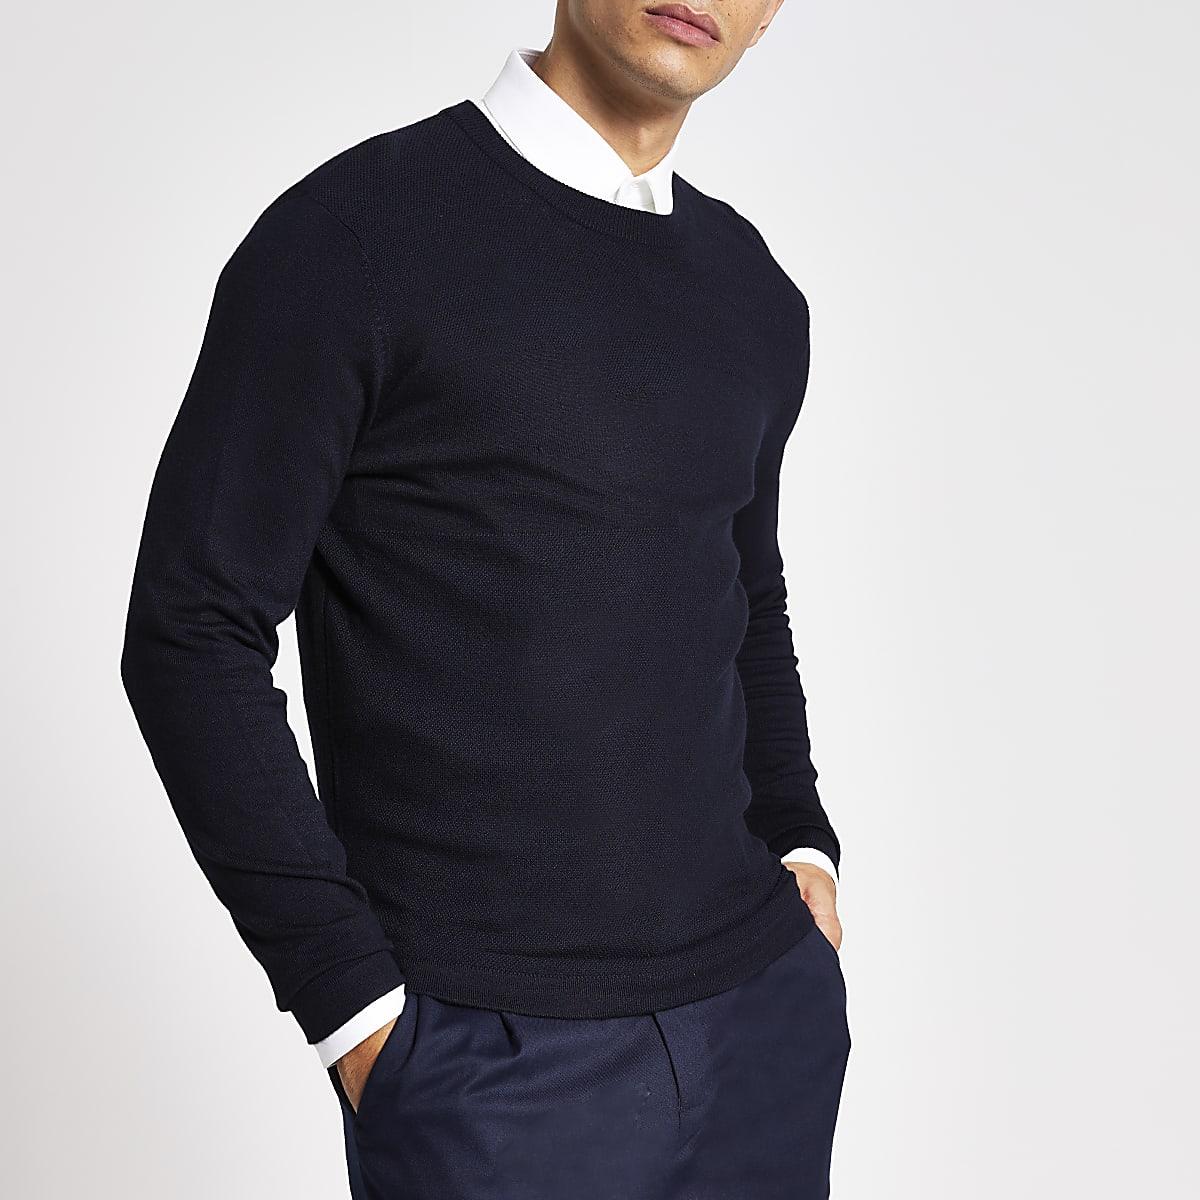 Marineblauwe slim-fit pullover met stiksel